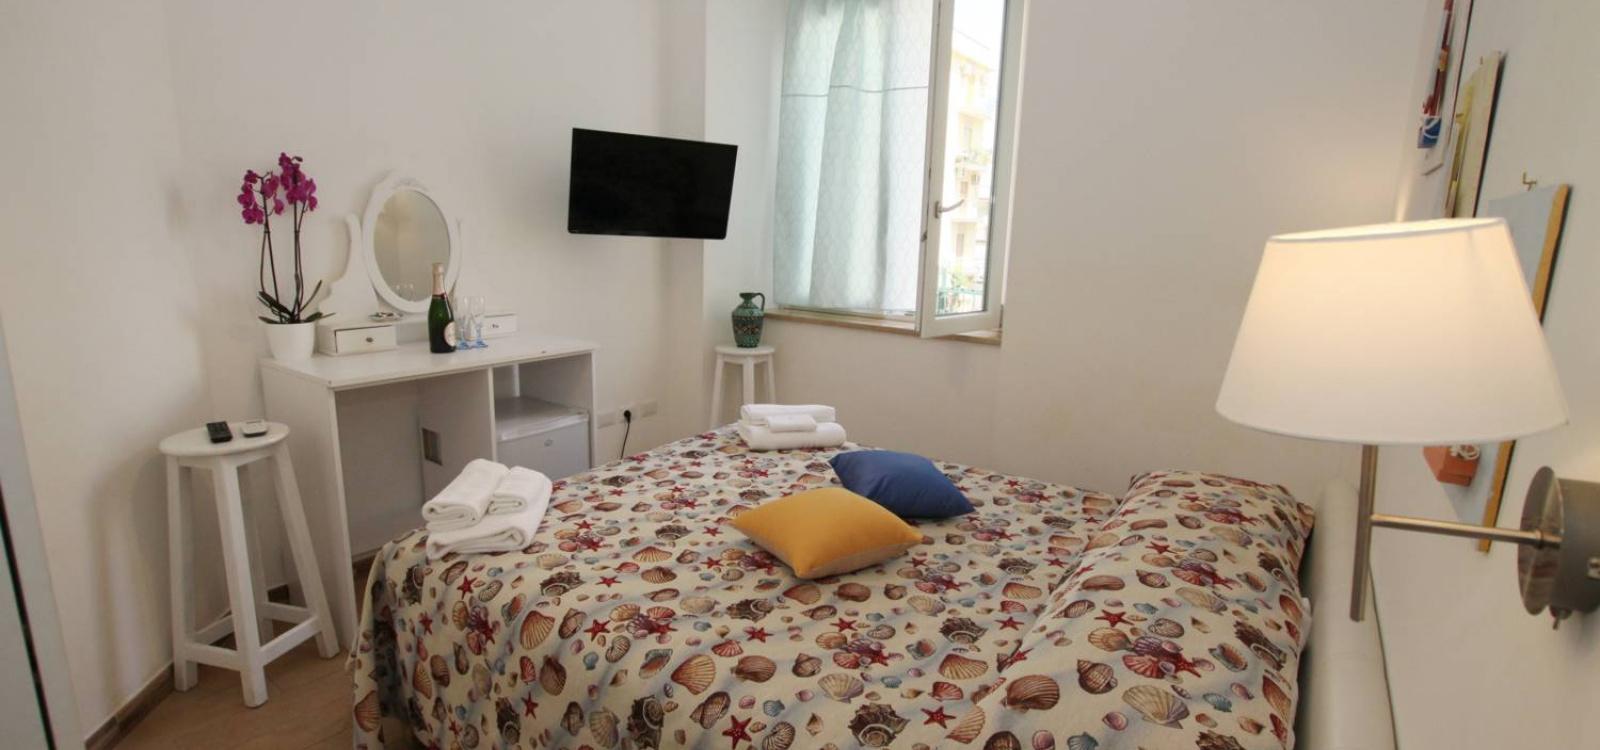 Via stazione, 53, 89861 Tropea, Vibo Valentia, Italy, ,Bed and Breakfast,Affitto per vacanze,Via stazione,1214